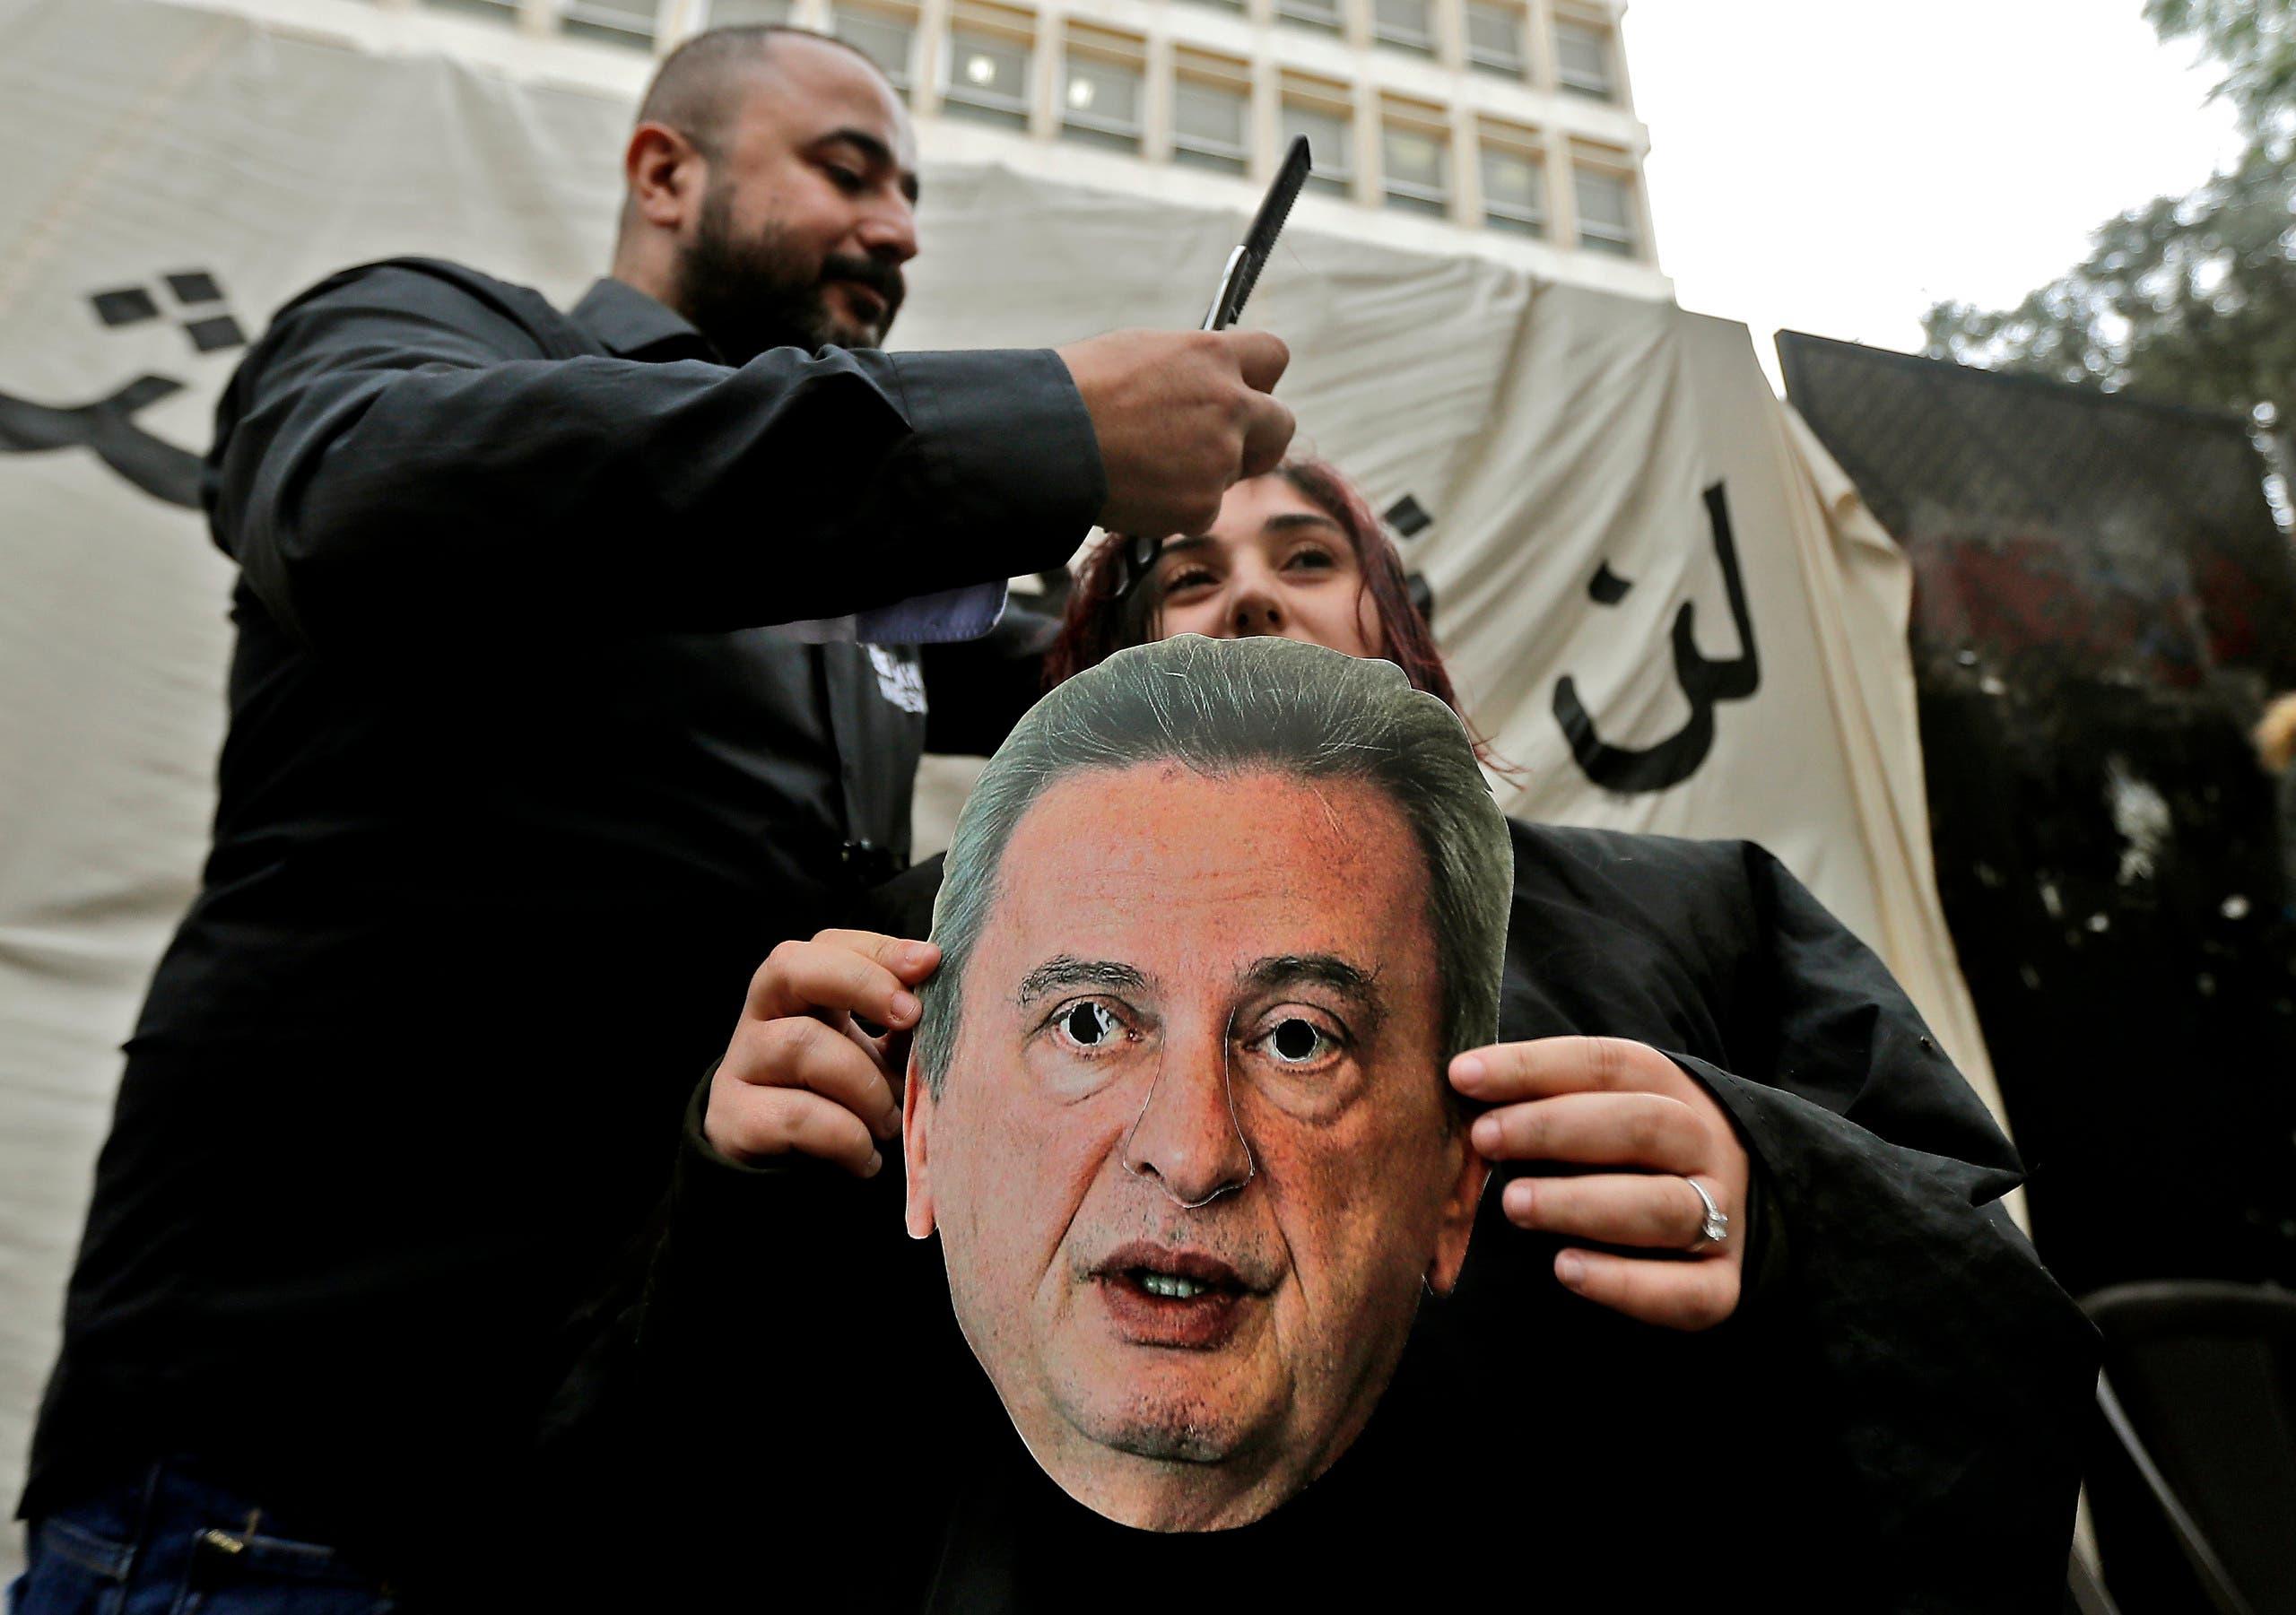 محتجون لبنانيون يتظاهرون ضد سياسة رياض سلامة